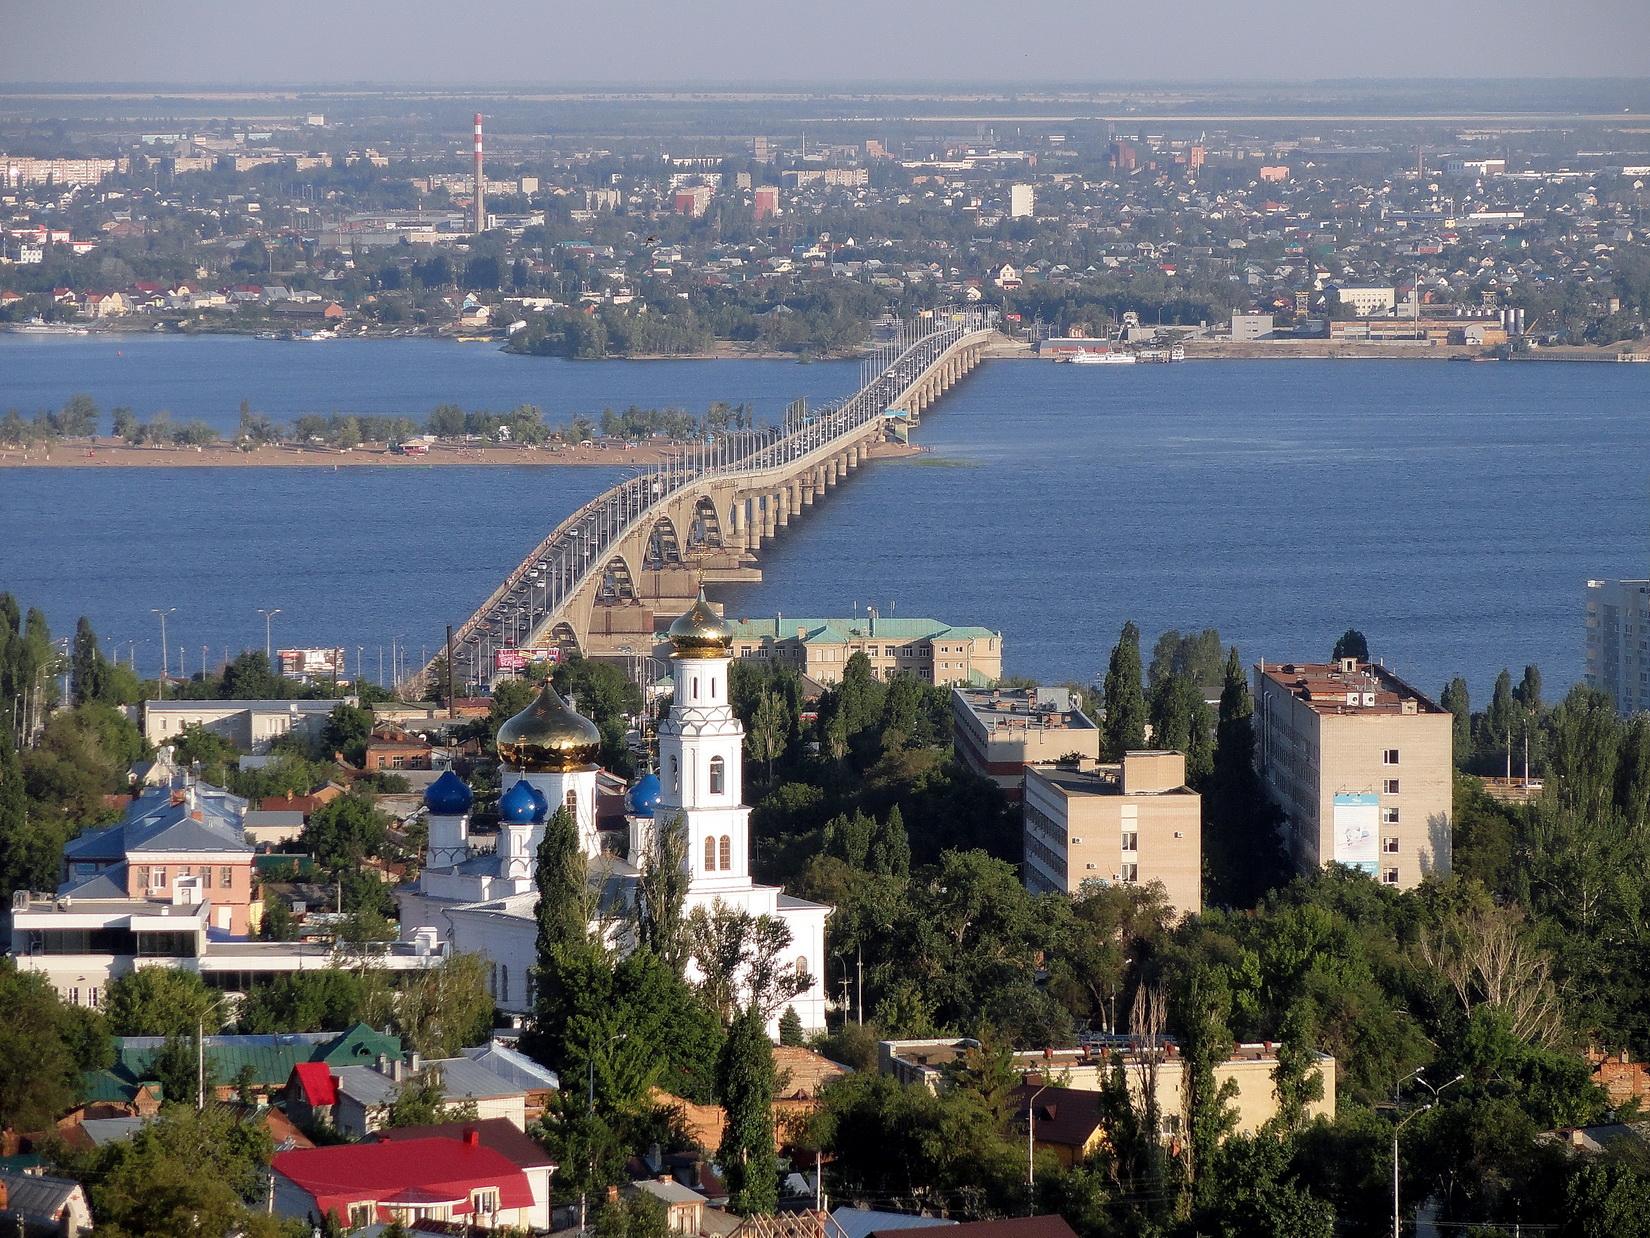 Фото моста энгельс саратов 6